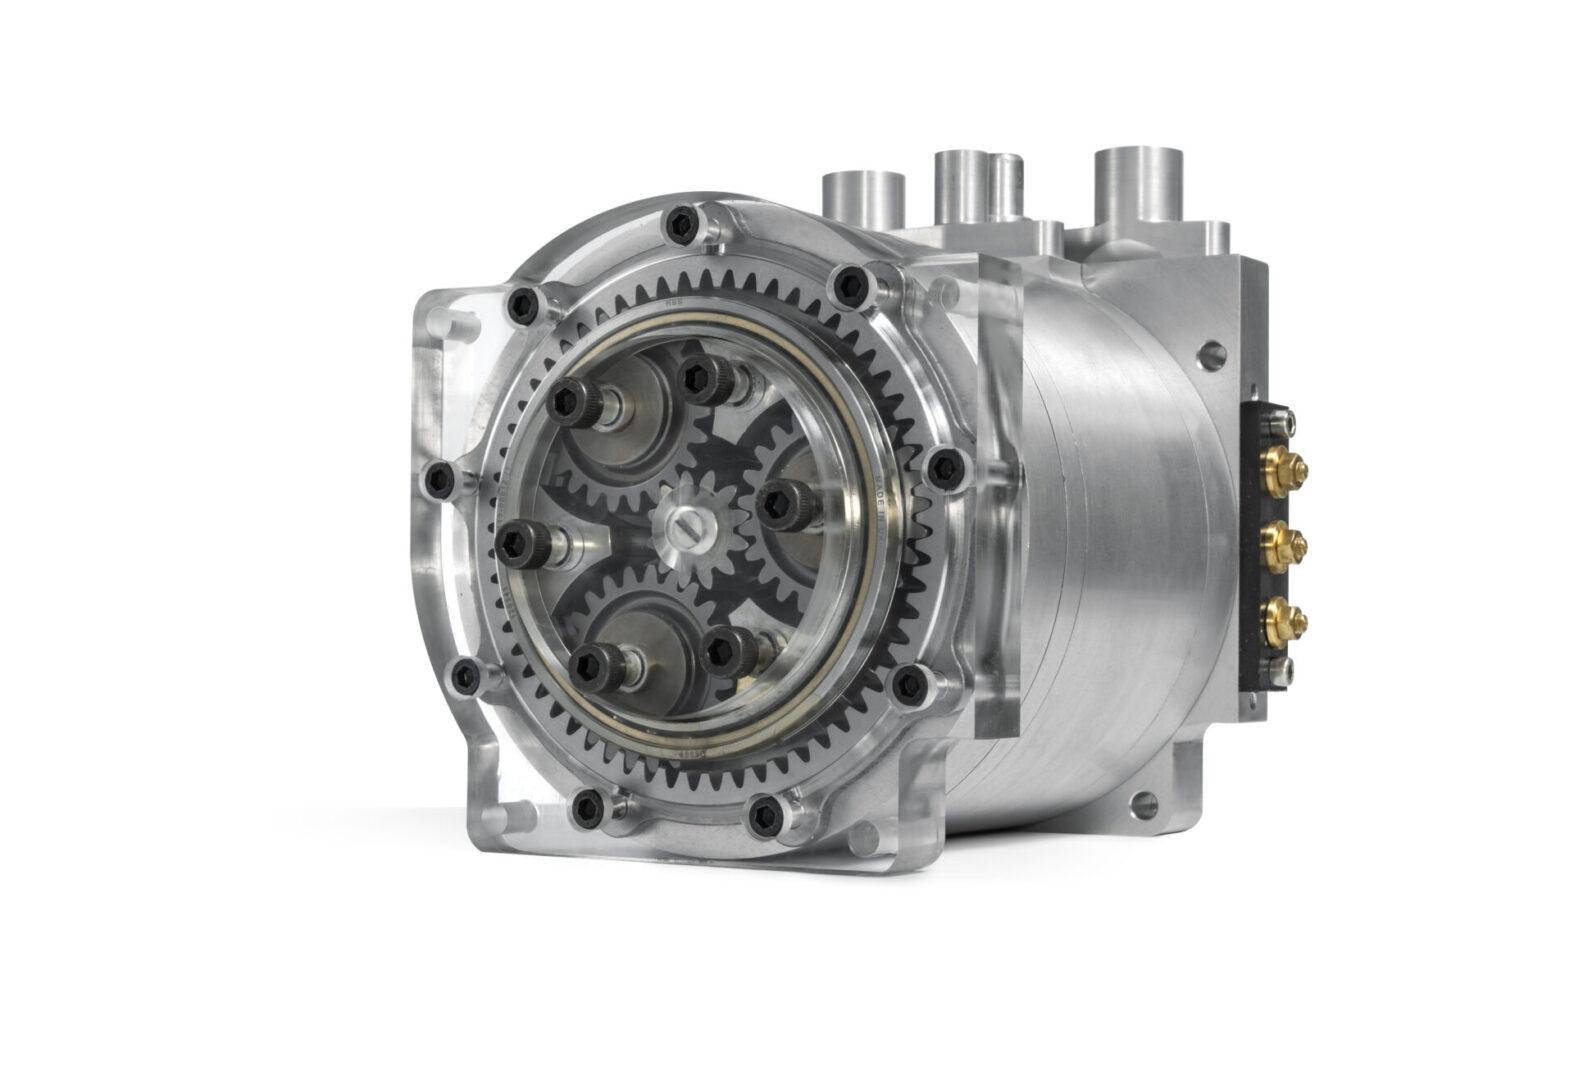 Equipmake lectric motor